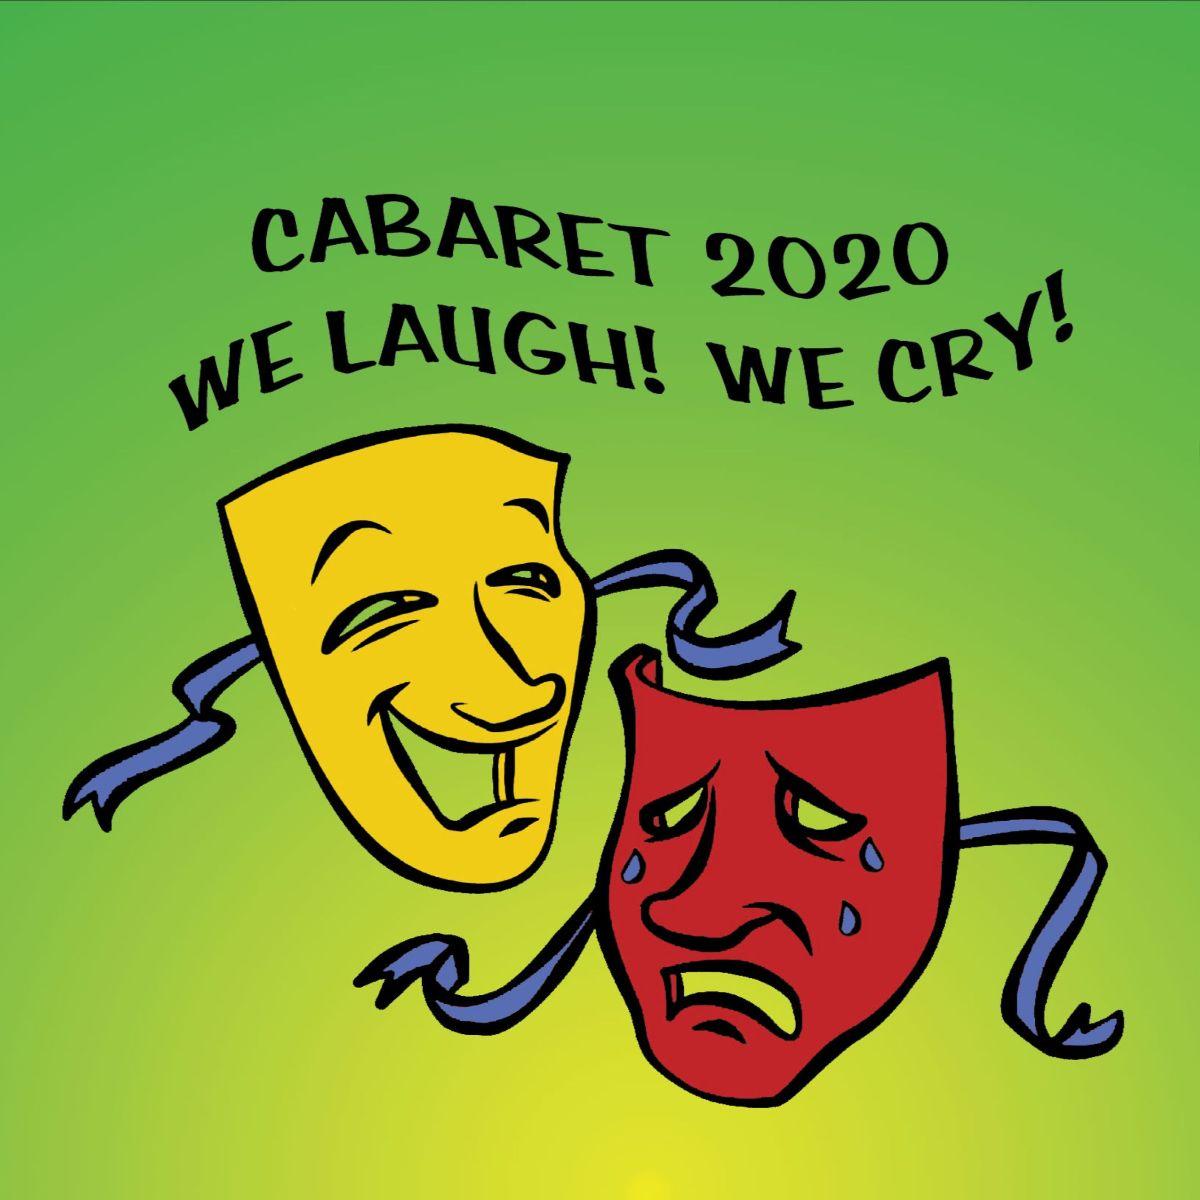 Cabaret is Back!